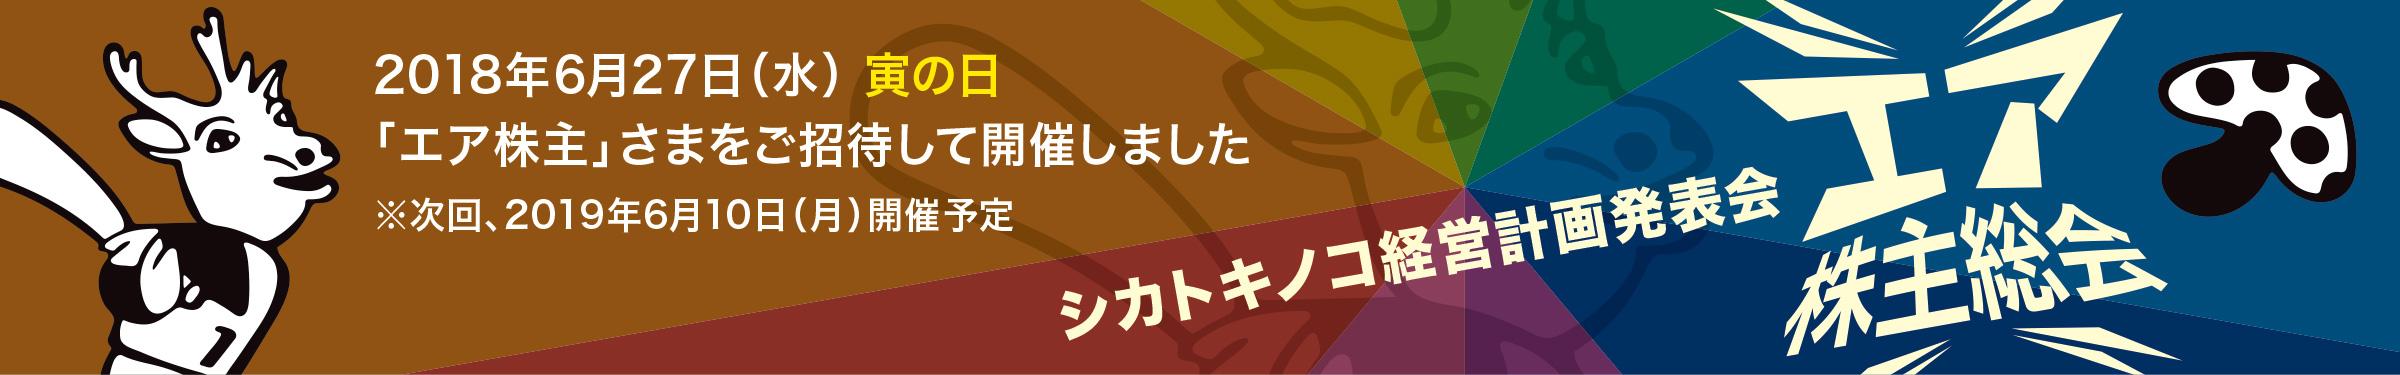 エア株主総会・バナーデザイン